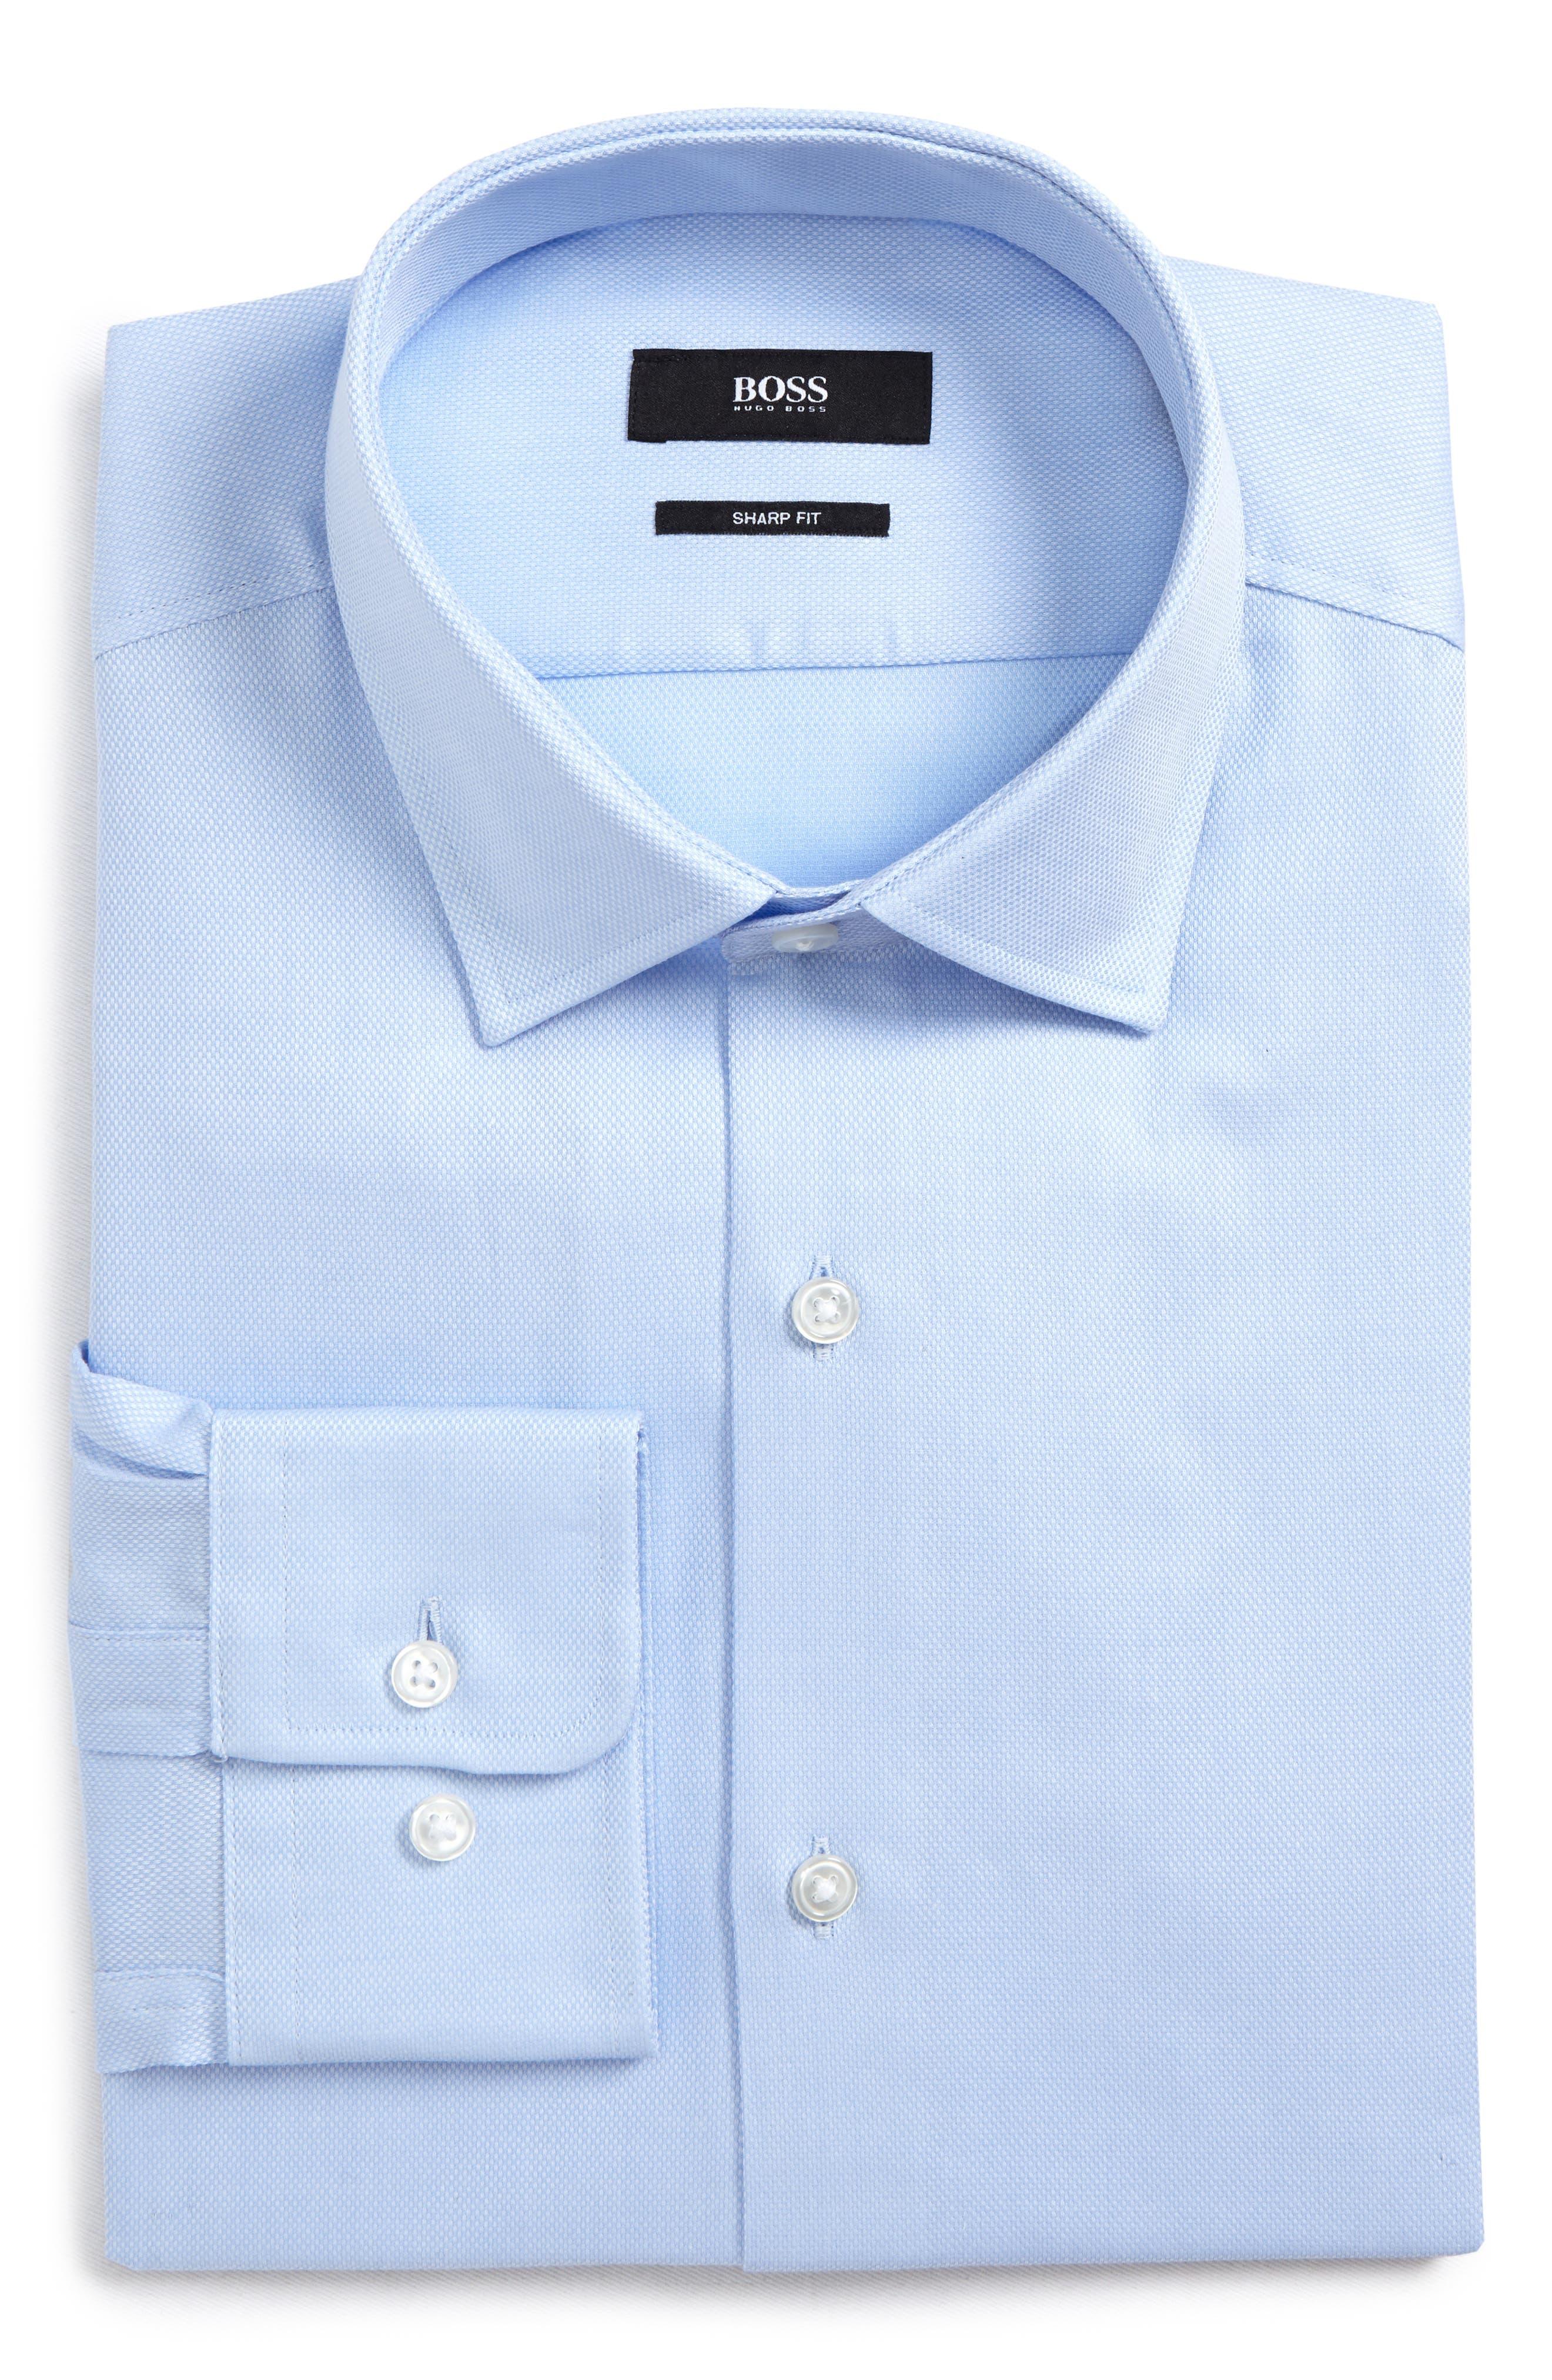 Marley Sharp Fit Dress Shirt,                             Main thumbnail 1, color,                             Blue